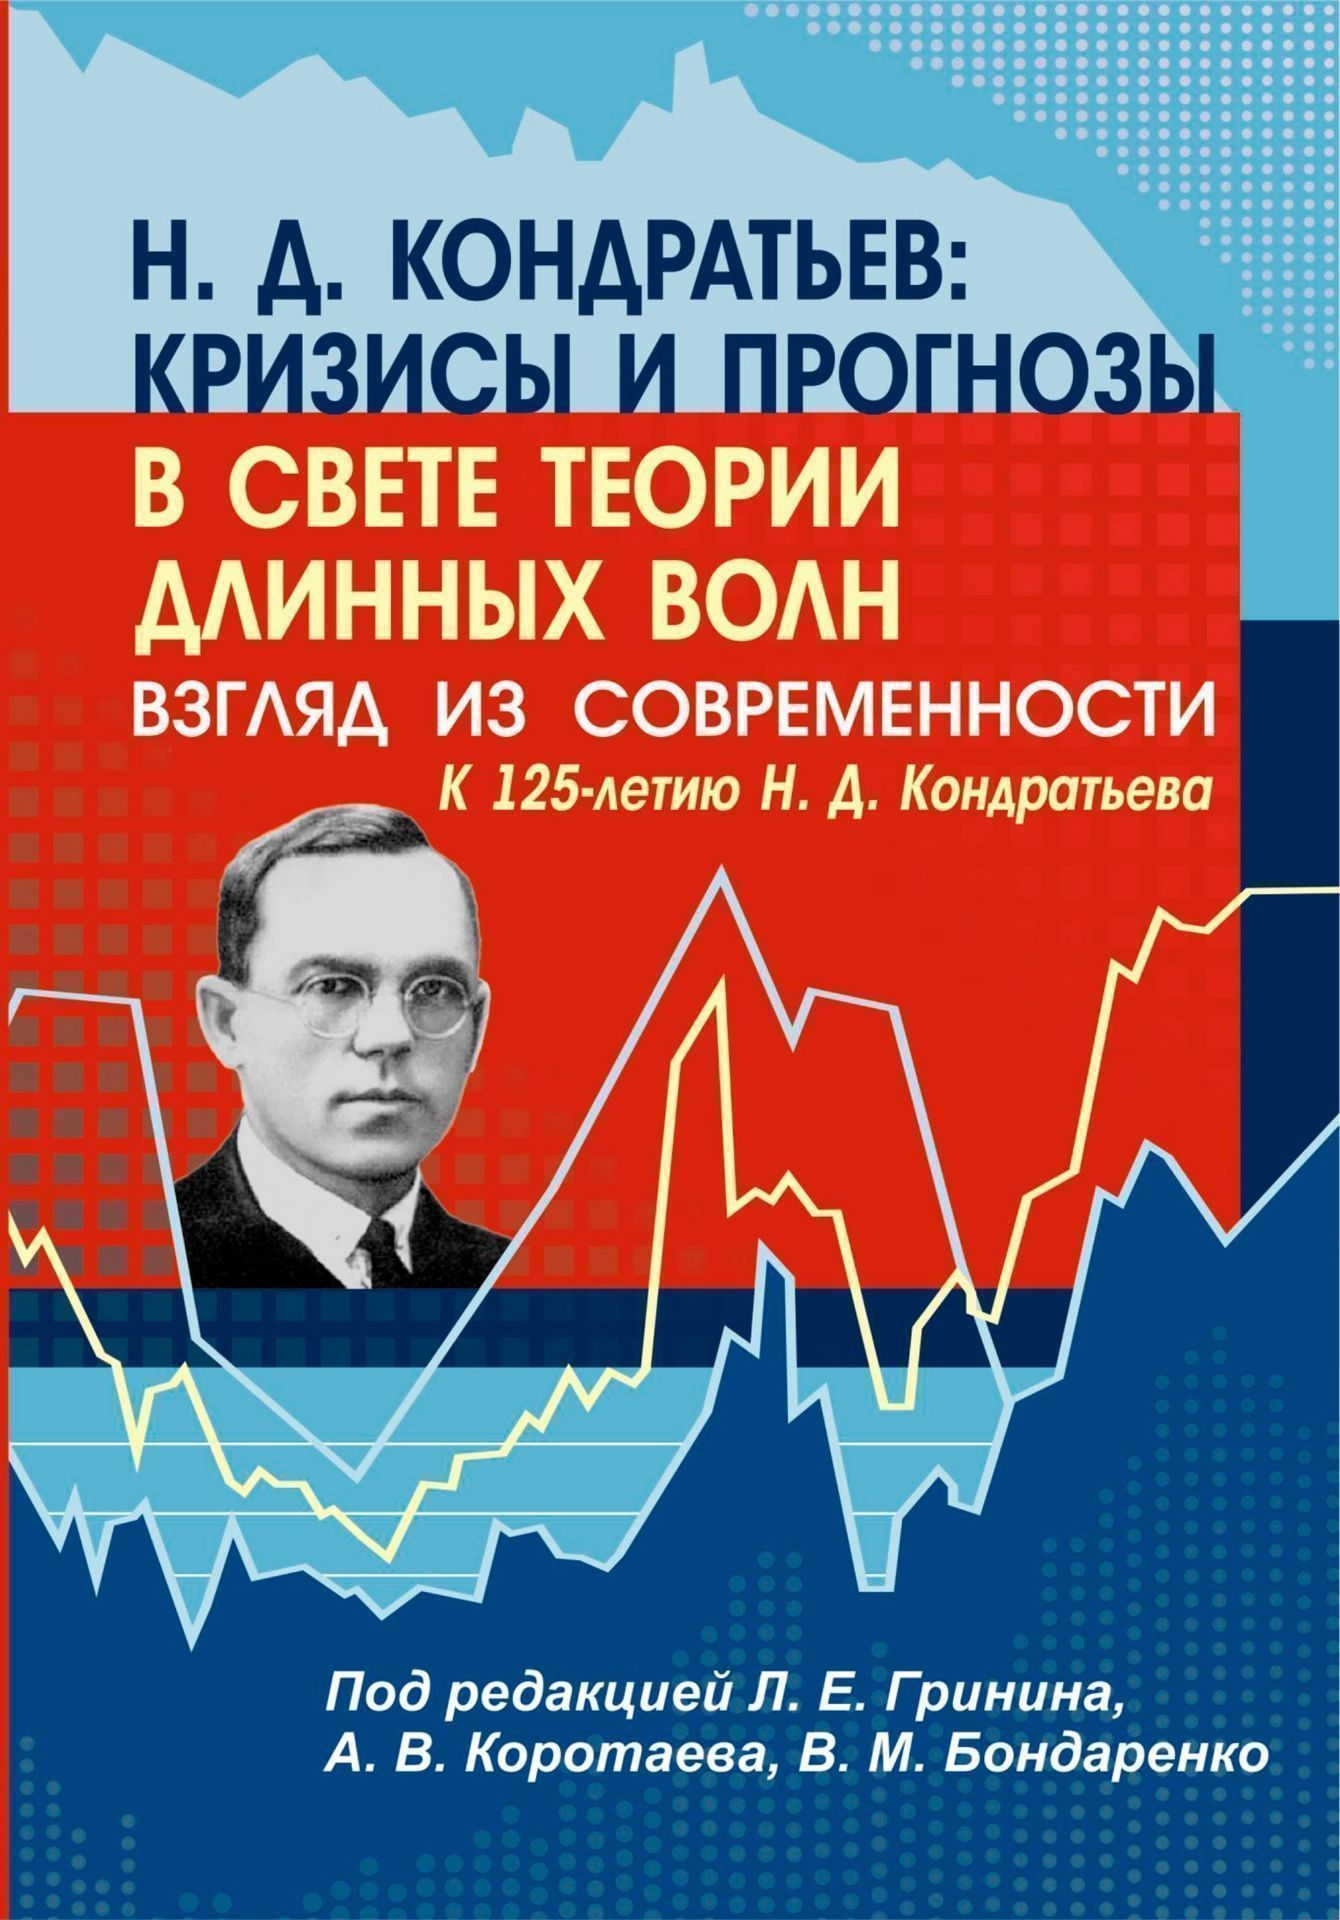 Купить со скидкой Н. Д. Кондратьев: кризисы и прогнозы в свете теории длинных волн. Взгляд из современности